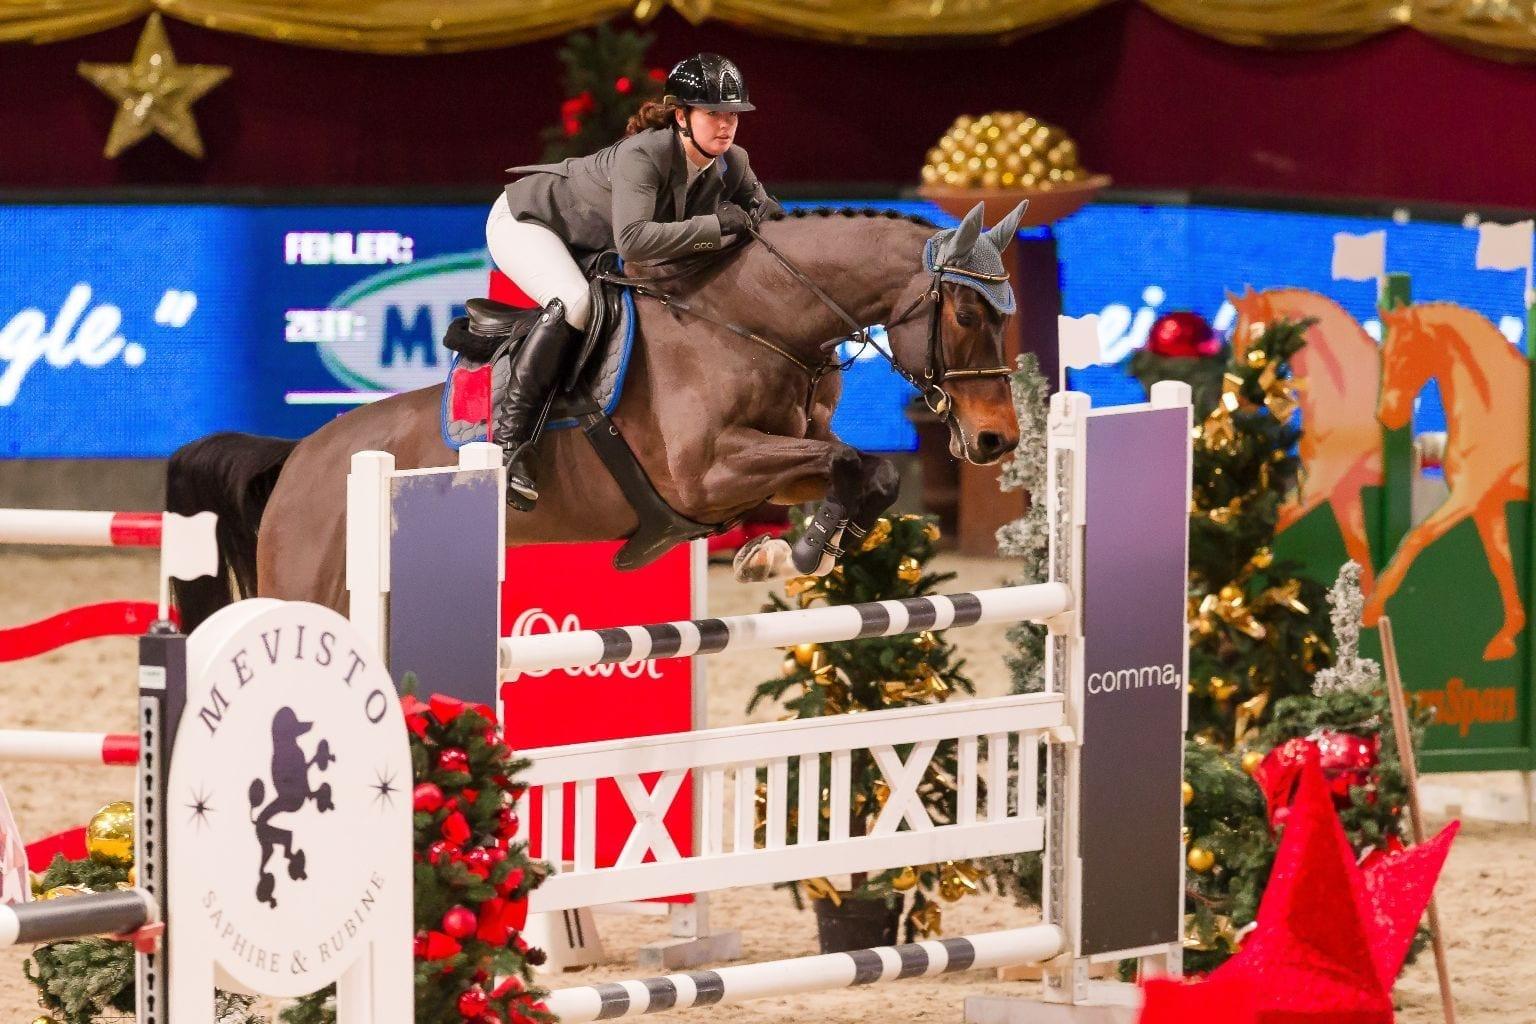 Das erste K.O Springen in der Geschichte der Mevisto Amadeus Horse Indoors wird mit Sicherheit spannend. (c) Michael Graf | MIKEs FotoGRAFie